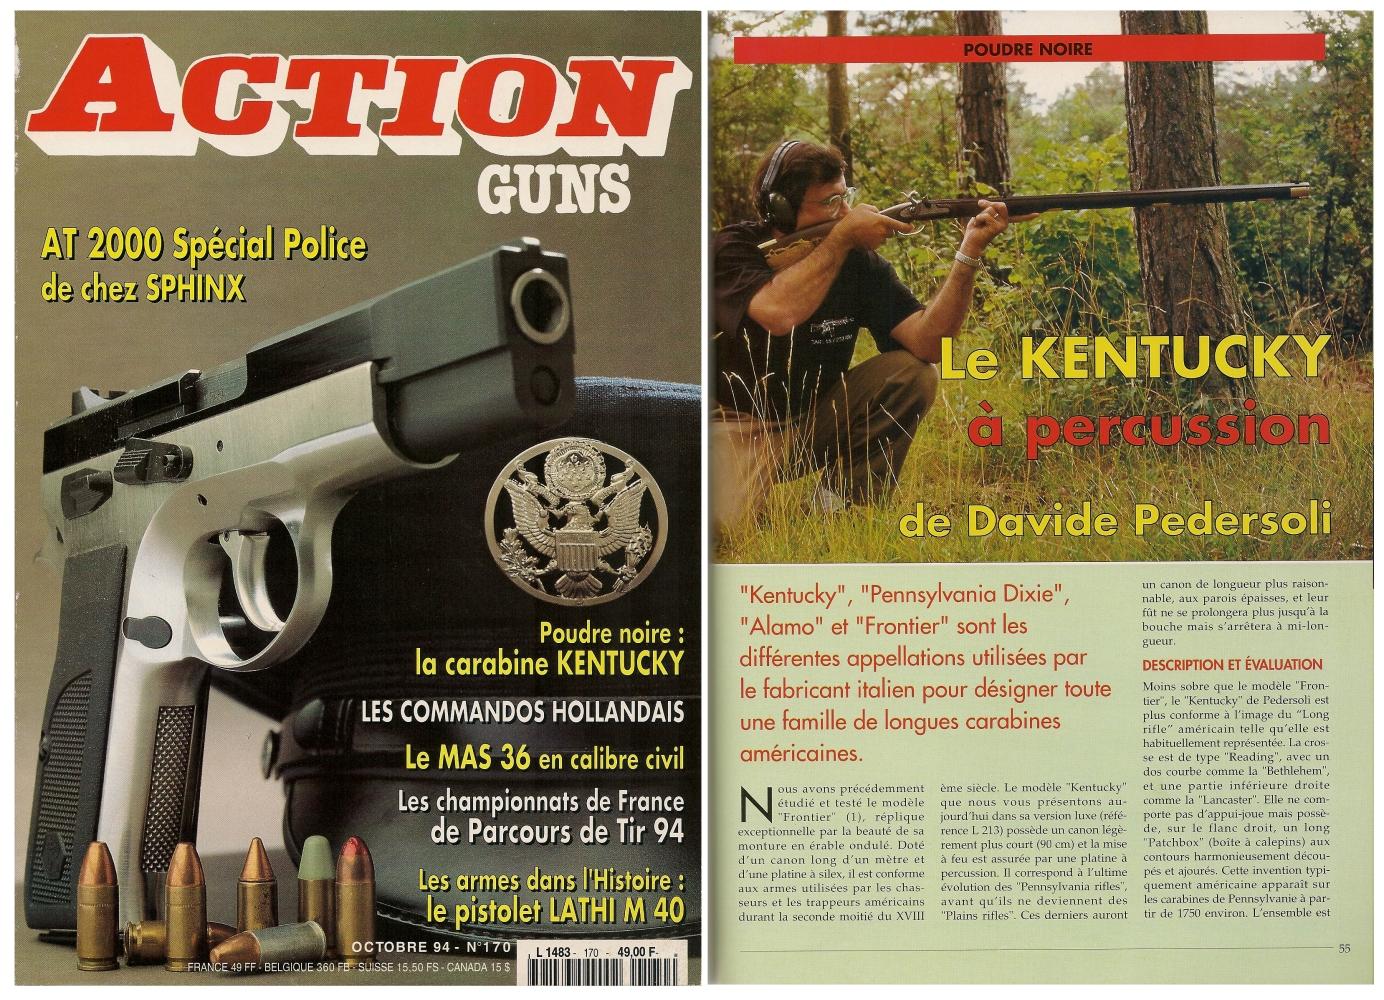 Le banc d'essai de la réplique de carabine à percussion « Kentucky » a été publié sur 5 pages dans le magazine Action Guns n° 170 (octobre 1994).